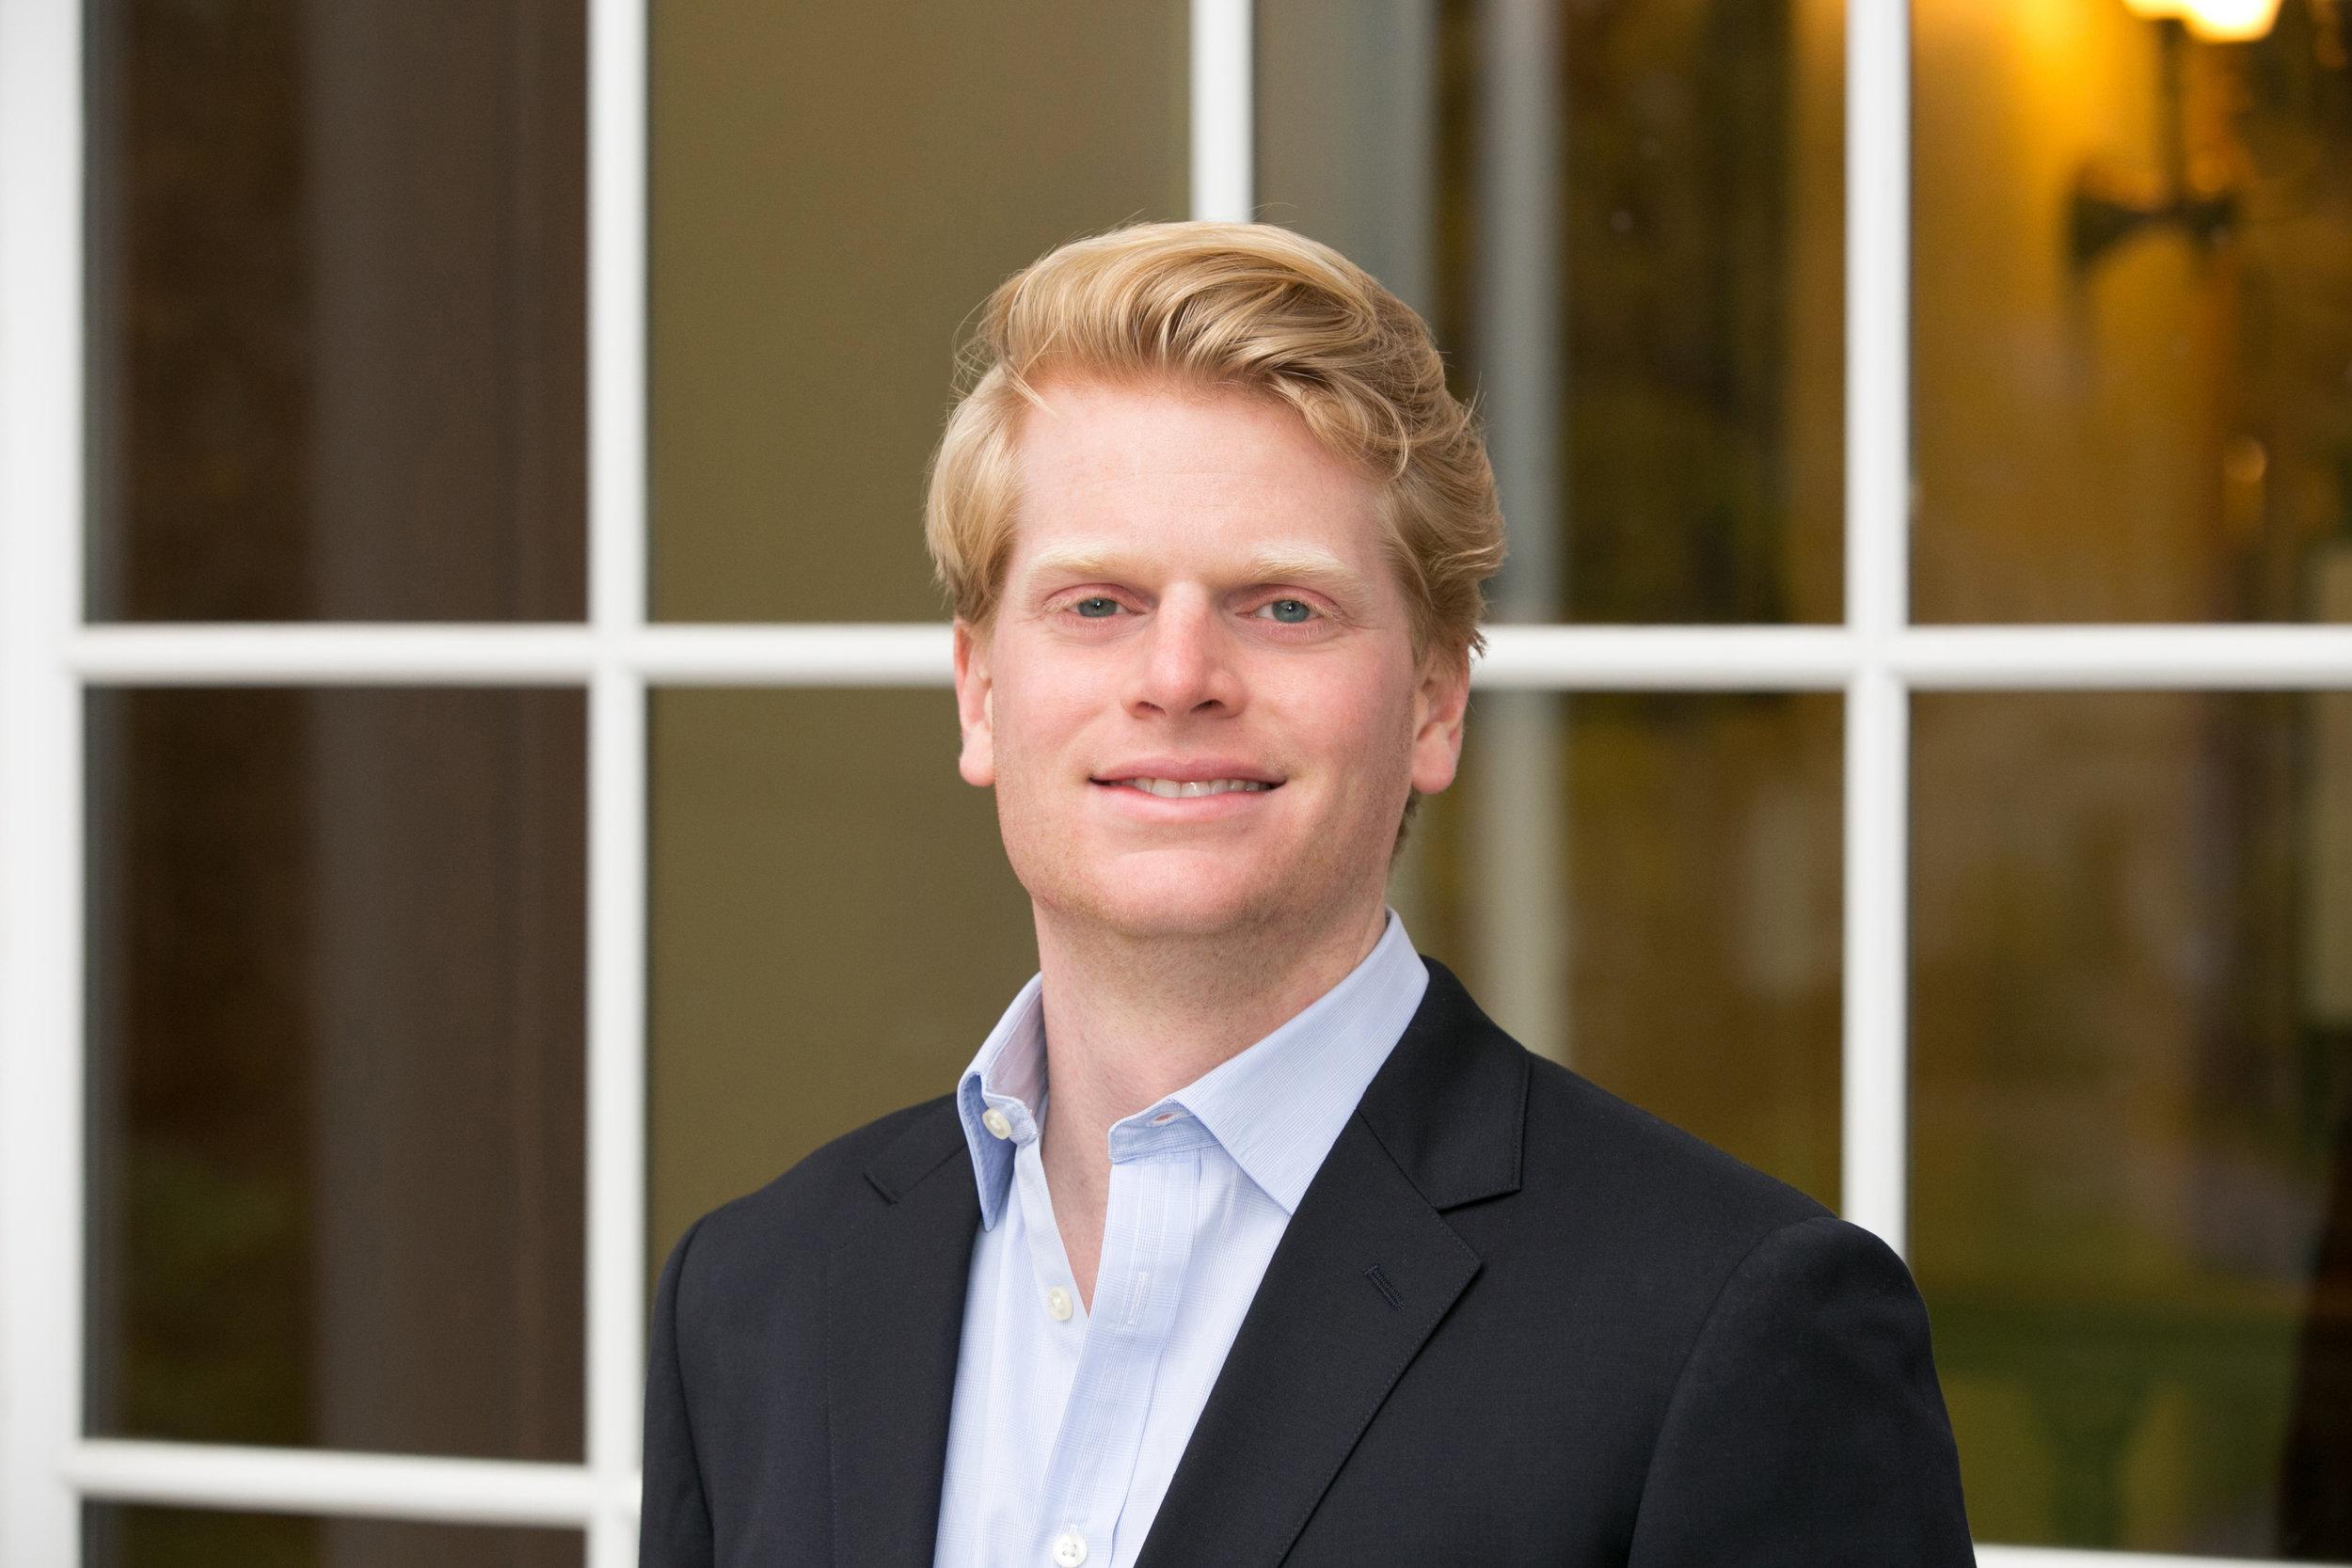 Zach DeWitt, Partner at Wing